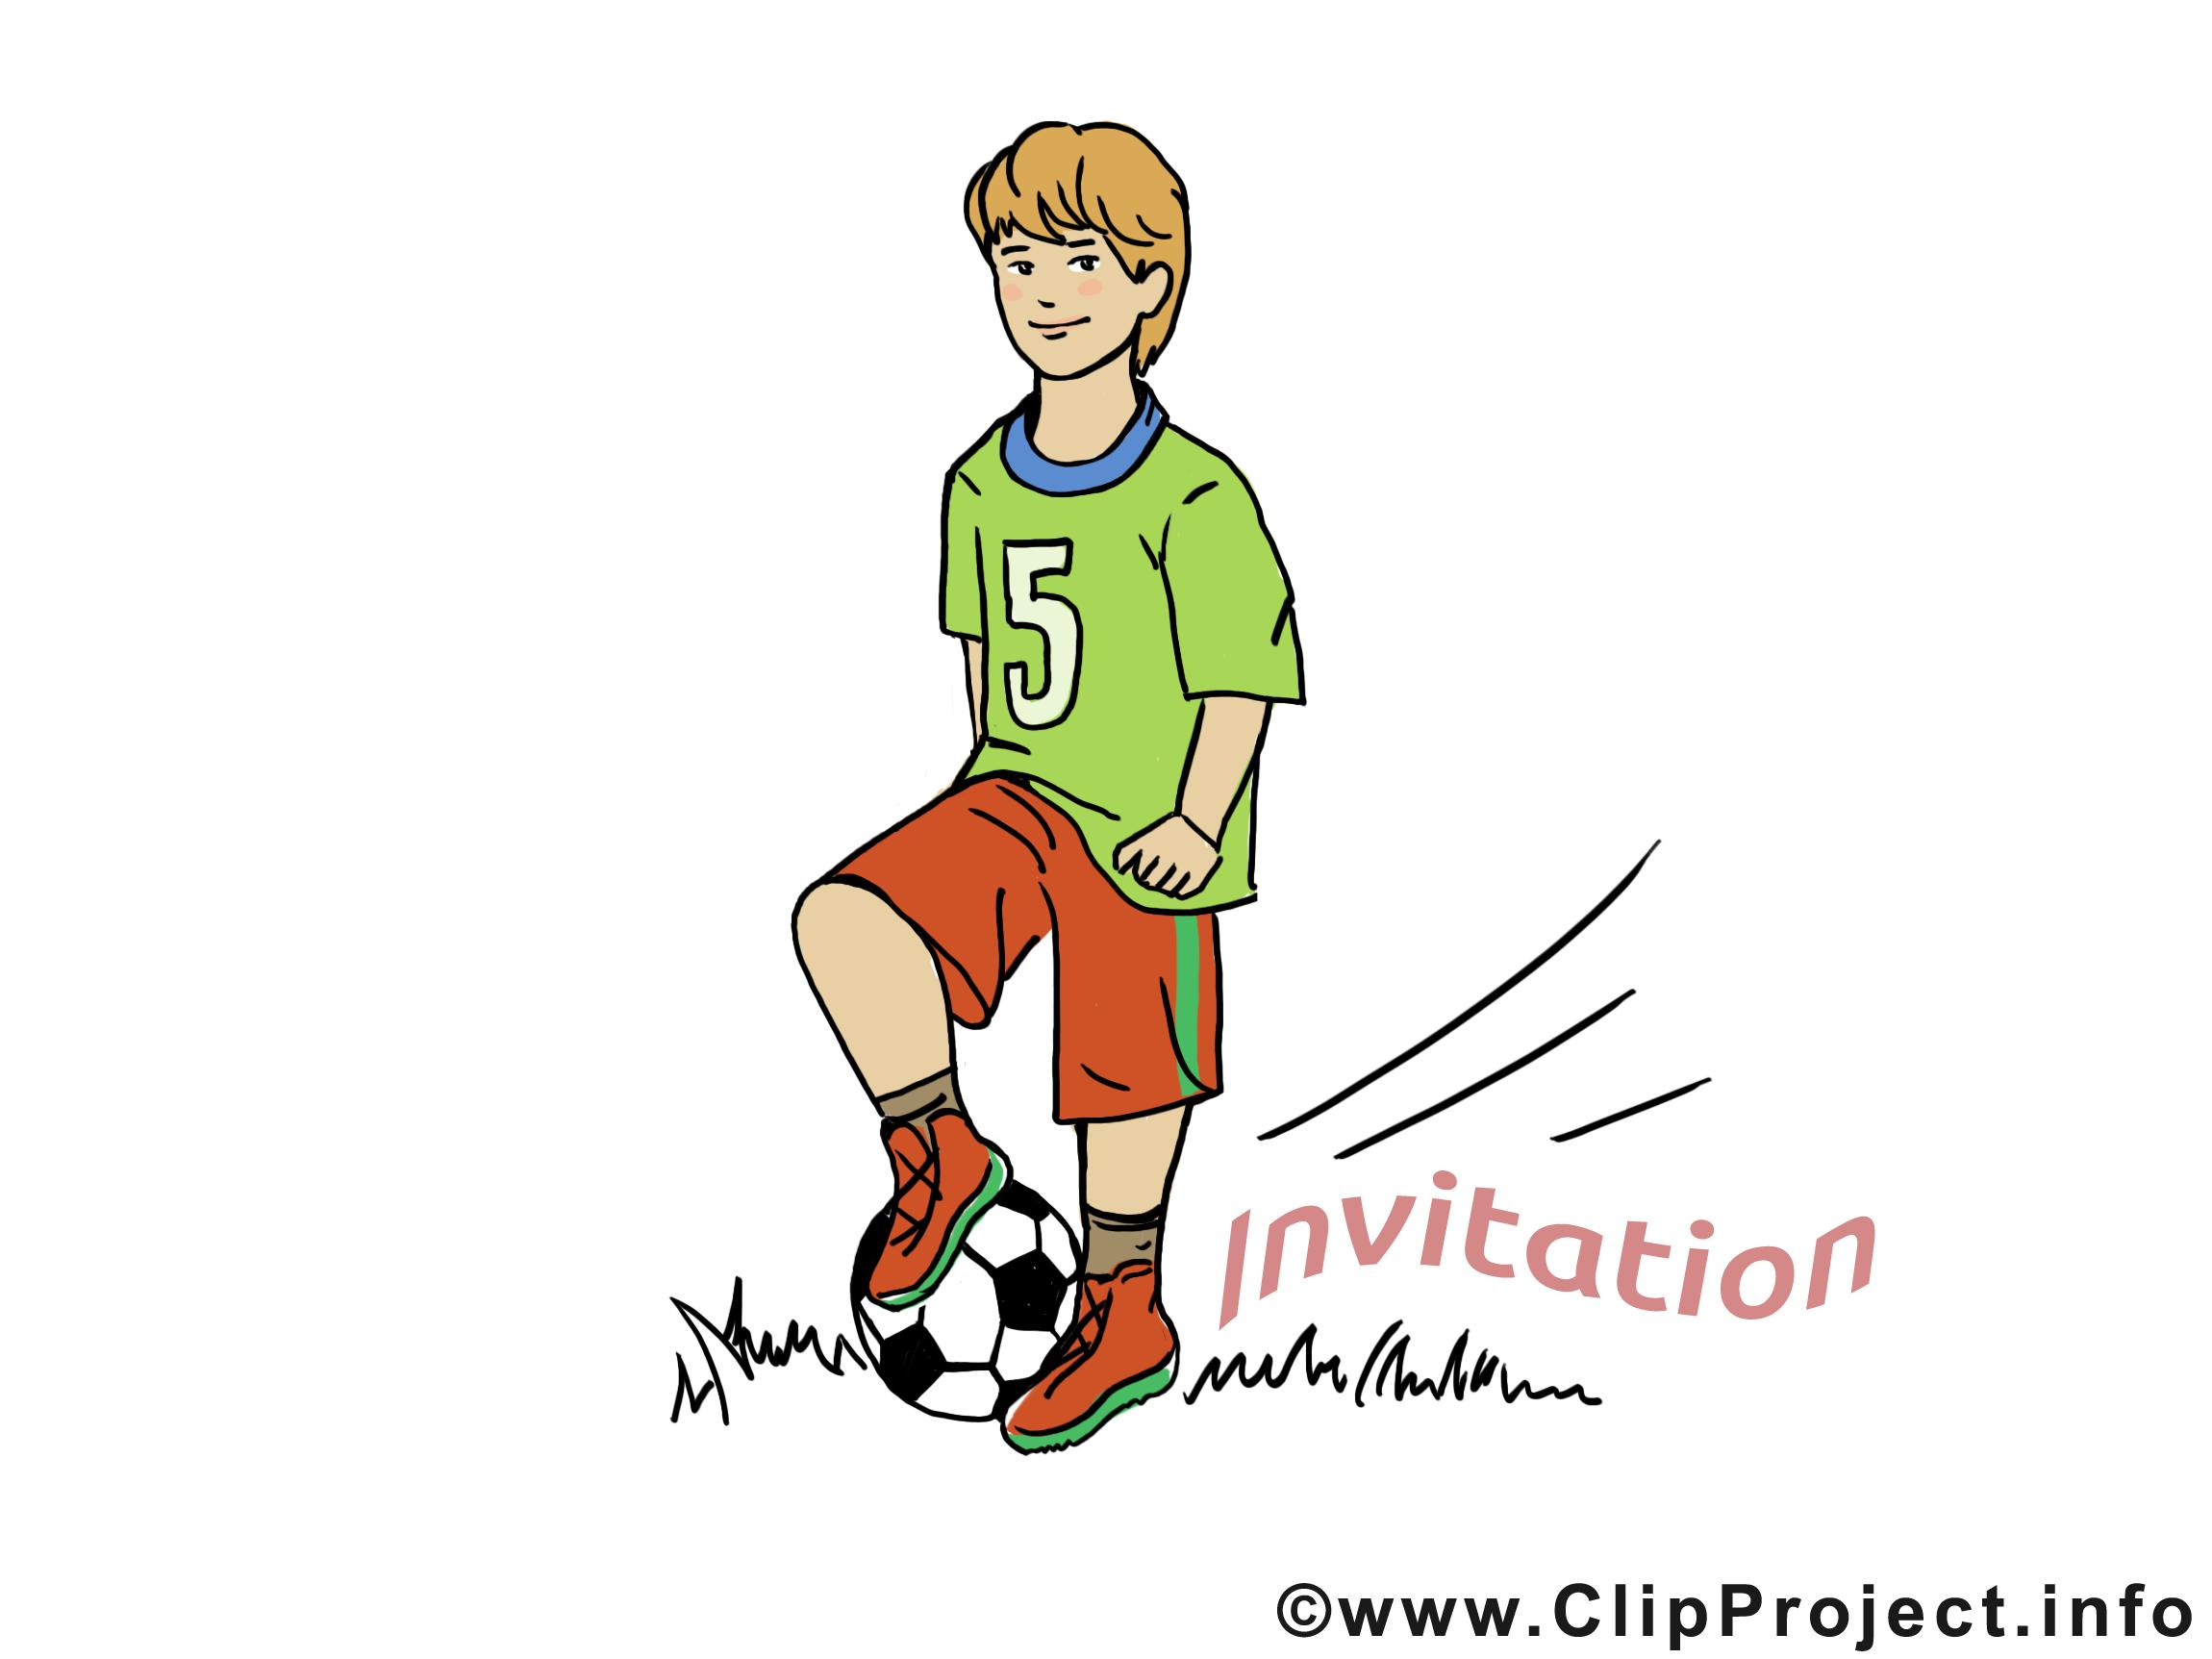 Footballeur Invitation image à télécharger gratuite